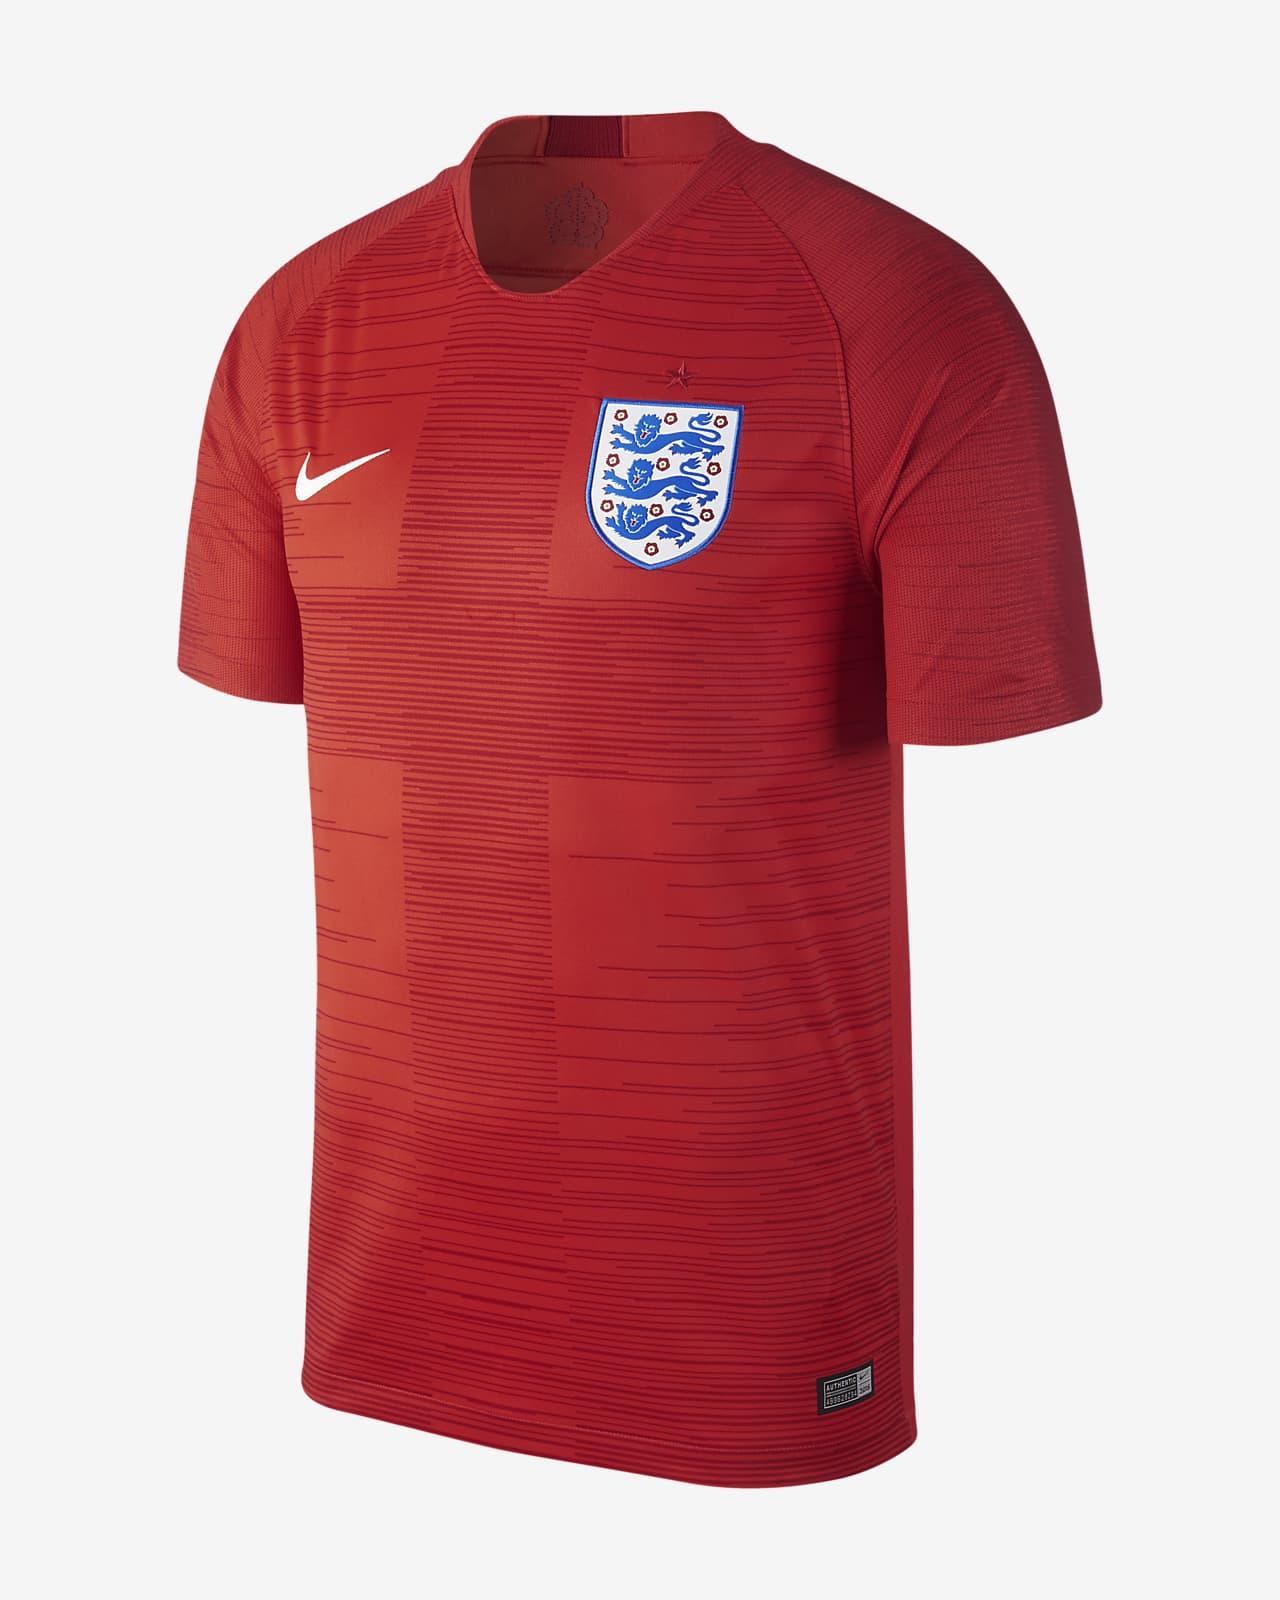 เสื้อแข่งฟุตบอลผู้ชาย 2018 England Stadium Away